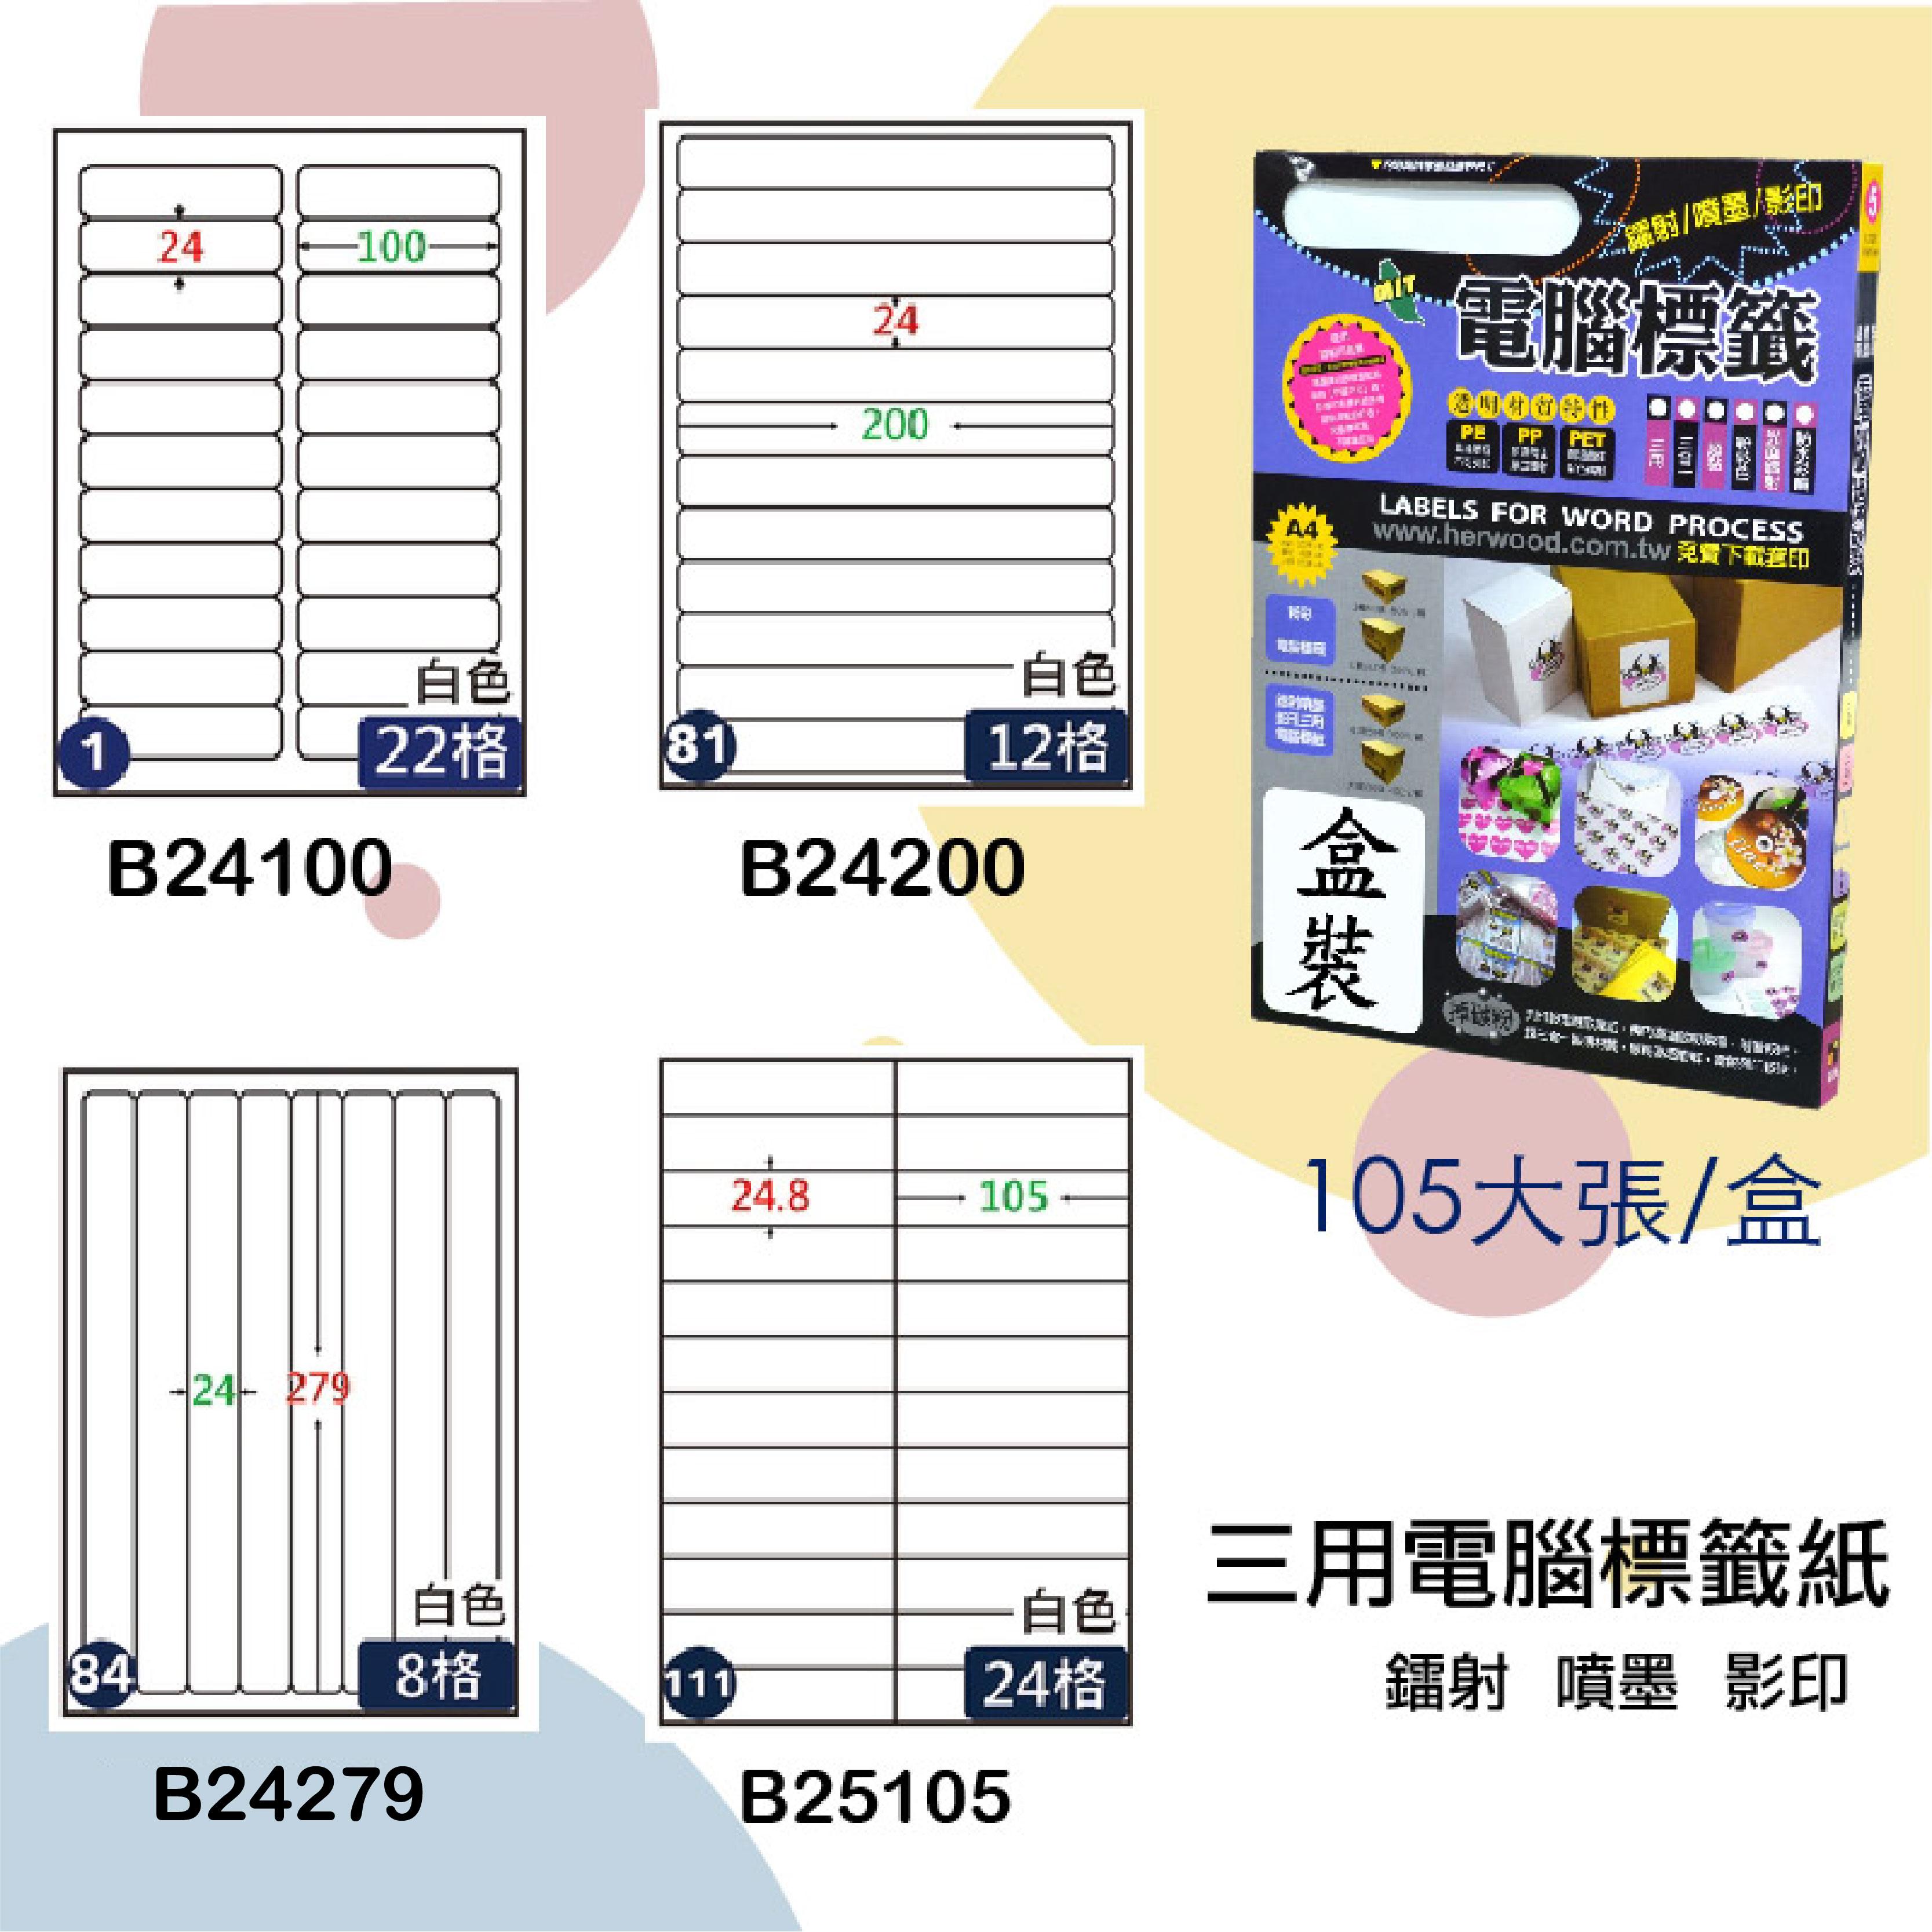 【鶴屋】三用電腦標籤 白色 B24100 B24200 B24279 B25105 105大張/盒 影印/雷射/噴墨 標籤紙 貼紙 標示 信件